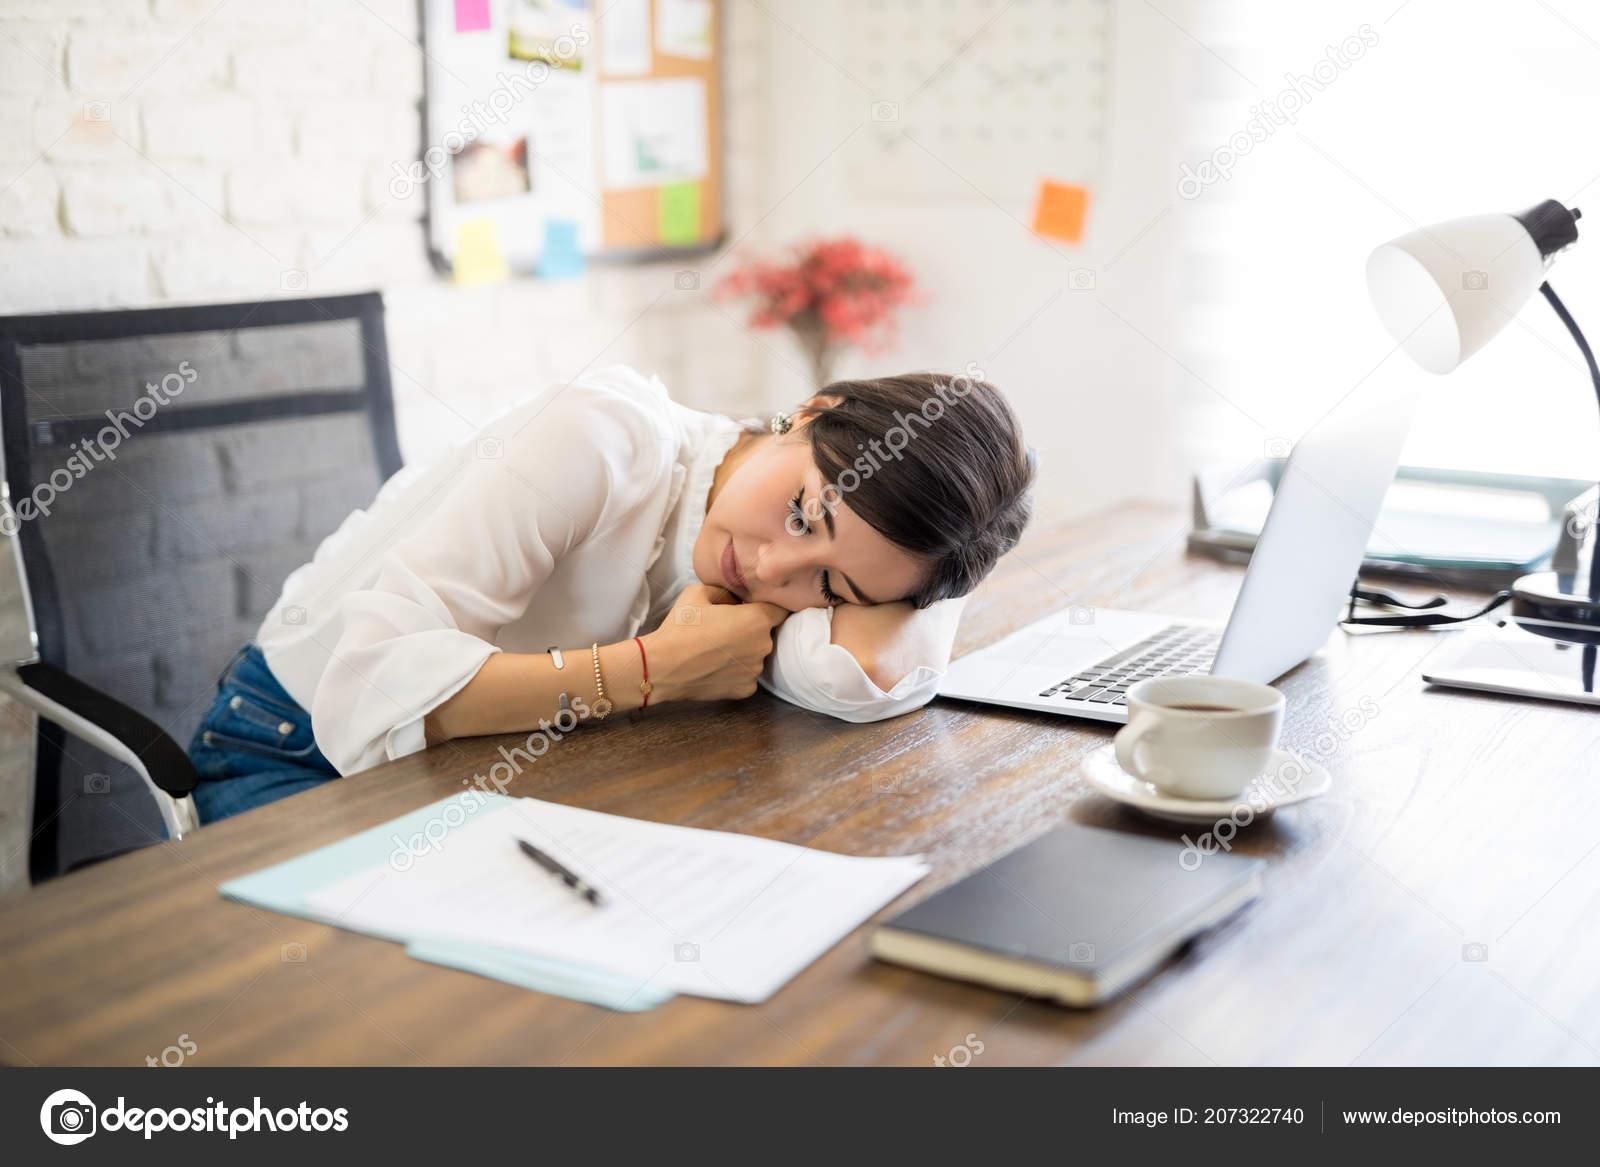 Fatigué jeune femme latine dormir sur bureau après longues heures